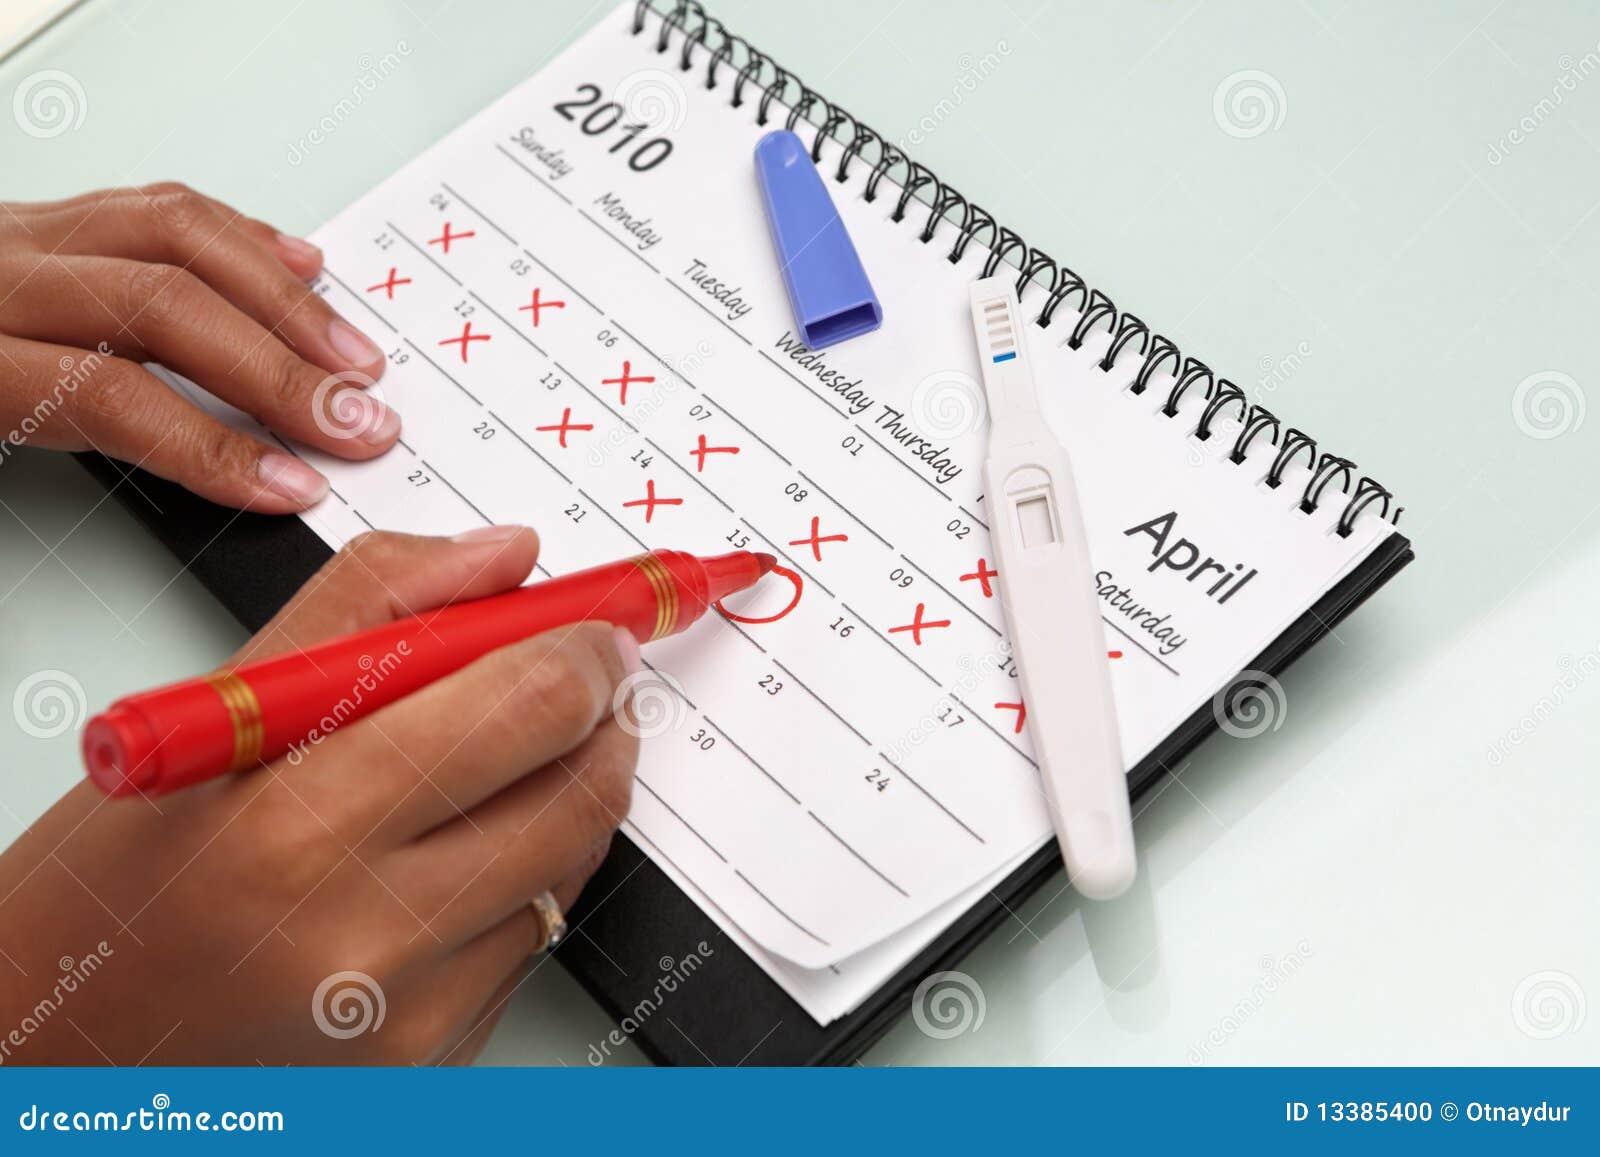 Calendário cricling da mão com teste de gravidez